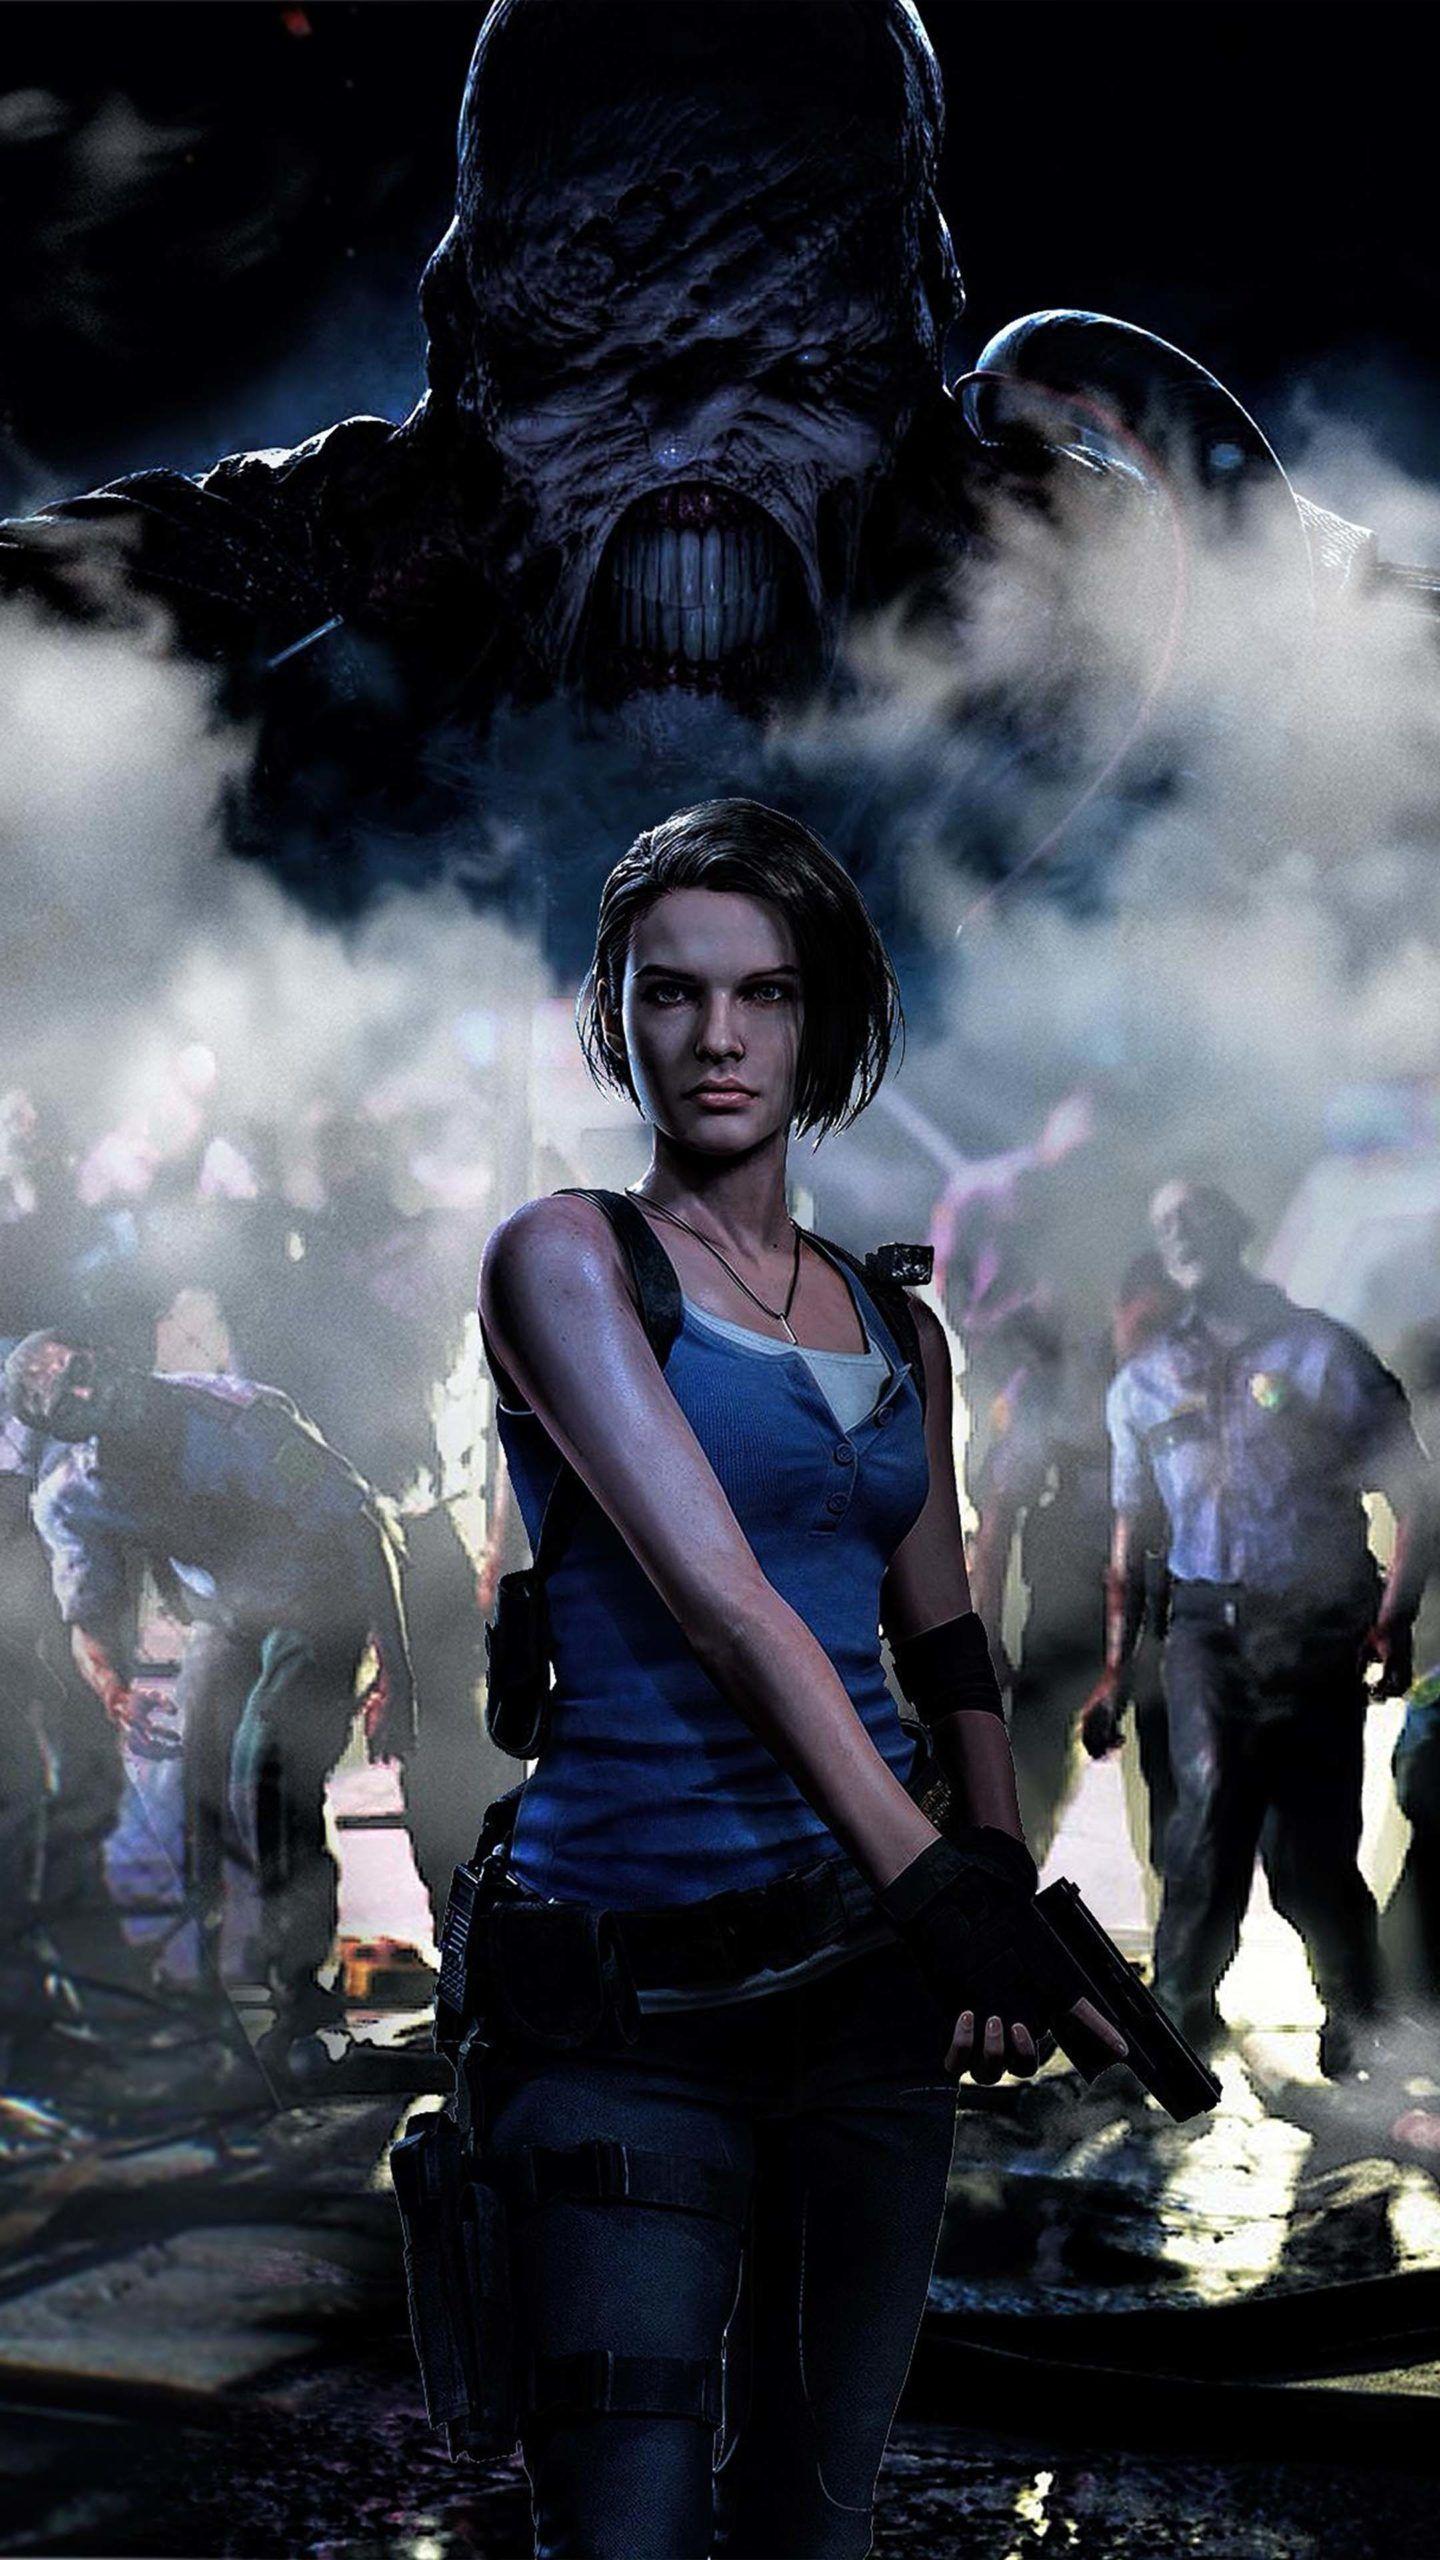 Jill Valentine Resident Evil 3 4k Ultra Hd Mobile Wallpaper In 2021 Resident Evil Girl Jill Valentine Resident Evil Resident Evil 3 Remake